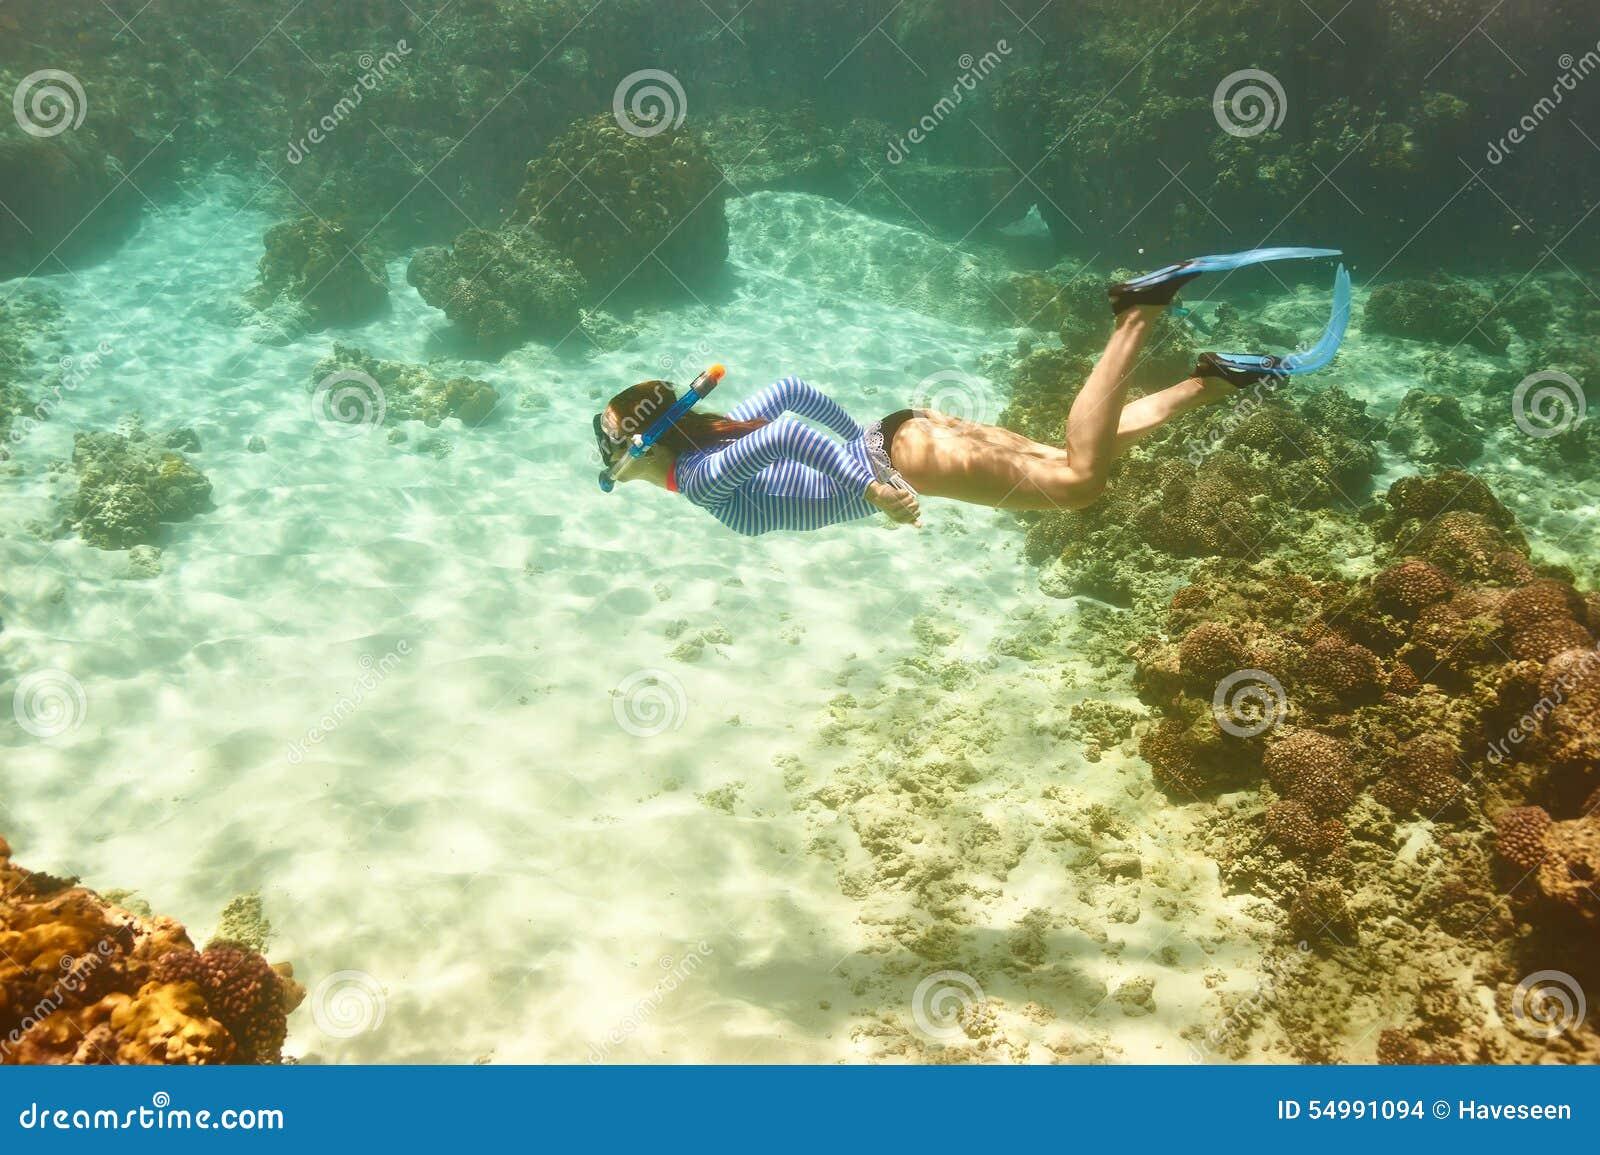 Γυναίκα με την κολύμβηση με αναπνευστήρα μασκών